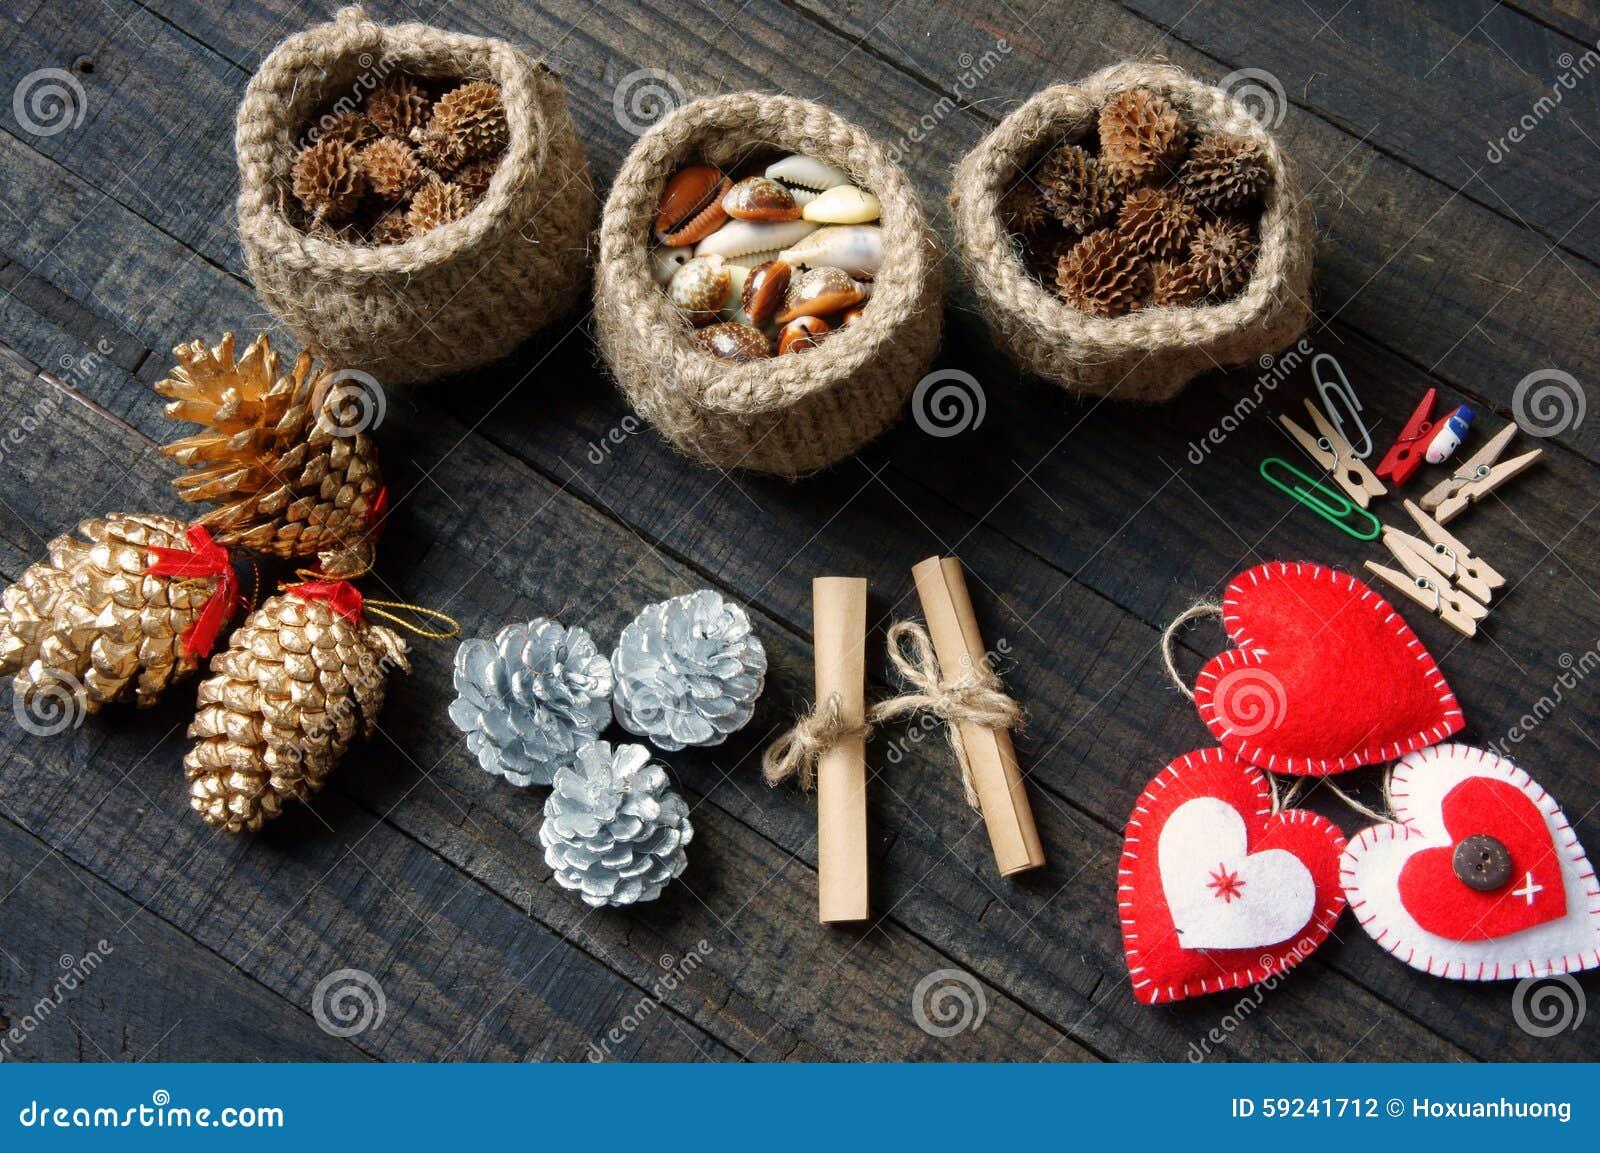 Download Ornamental, Navidad, Cono Del Pino De La Navidad, Hecho A Mano Foto de archivo - Imagen de extracto, mano: 59241712